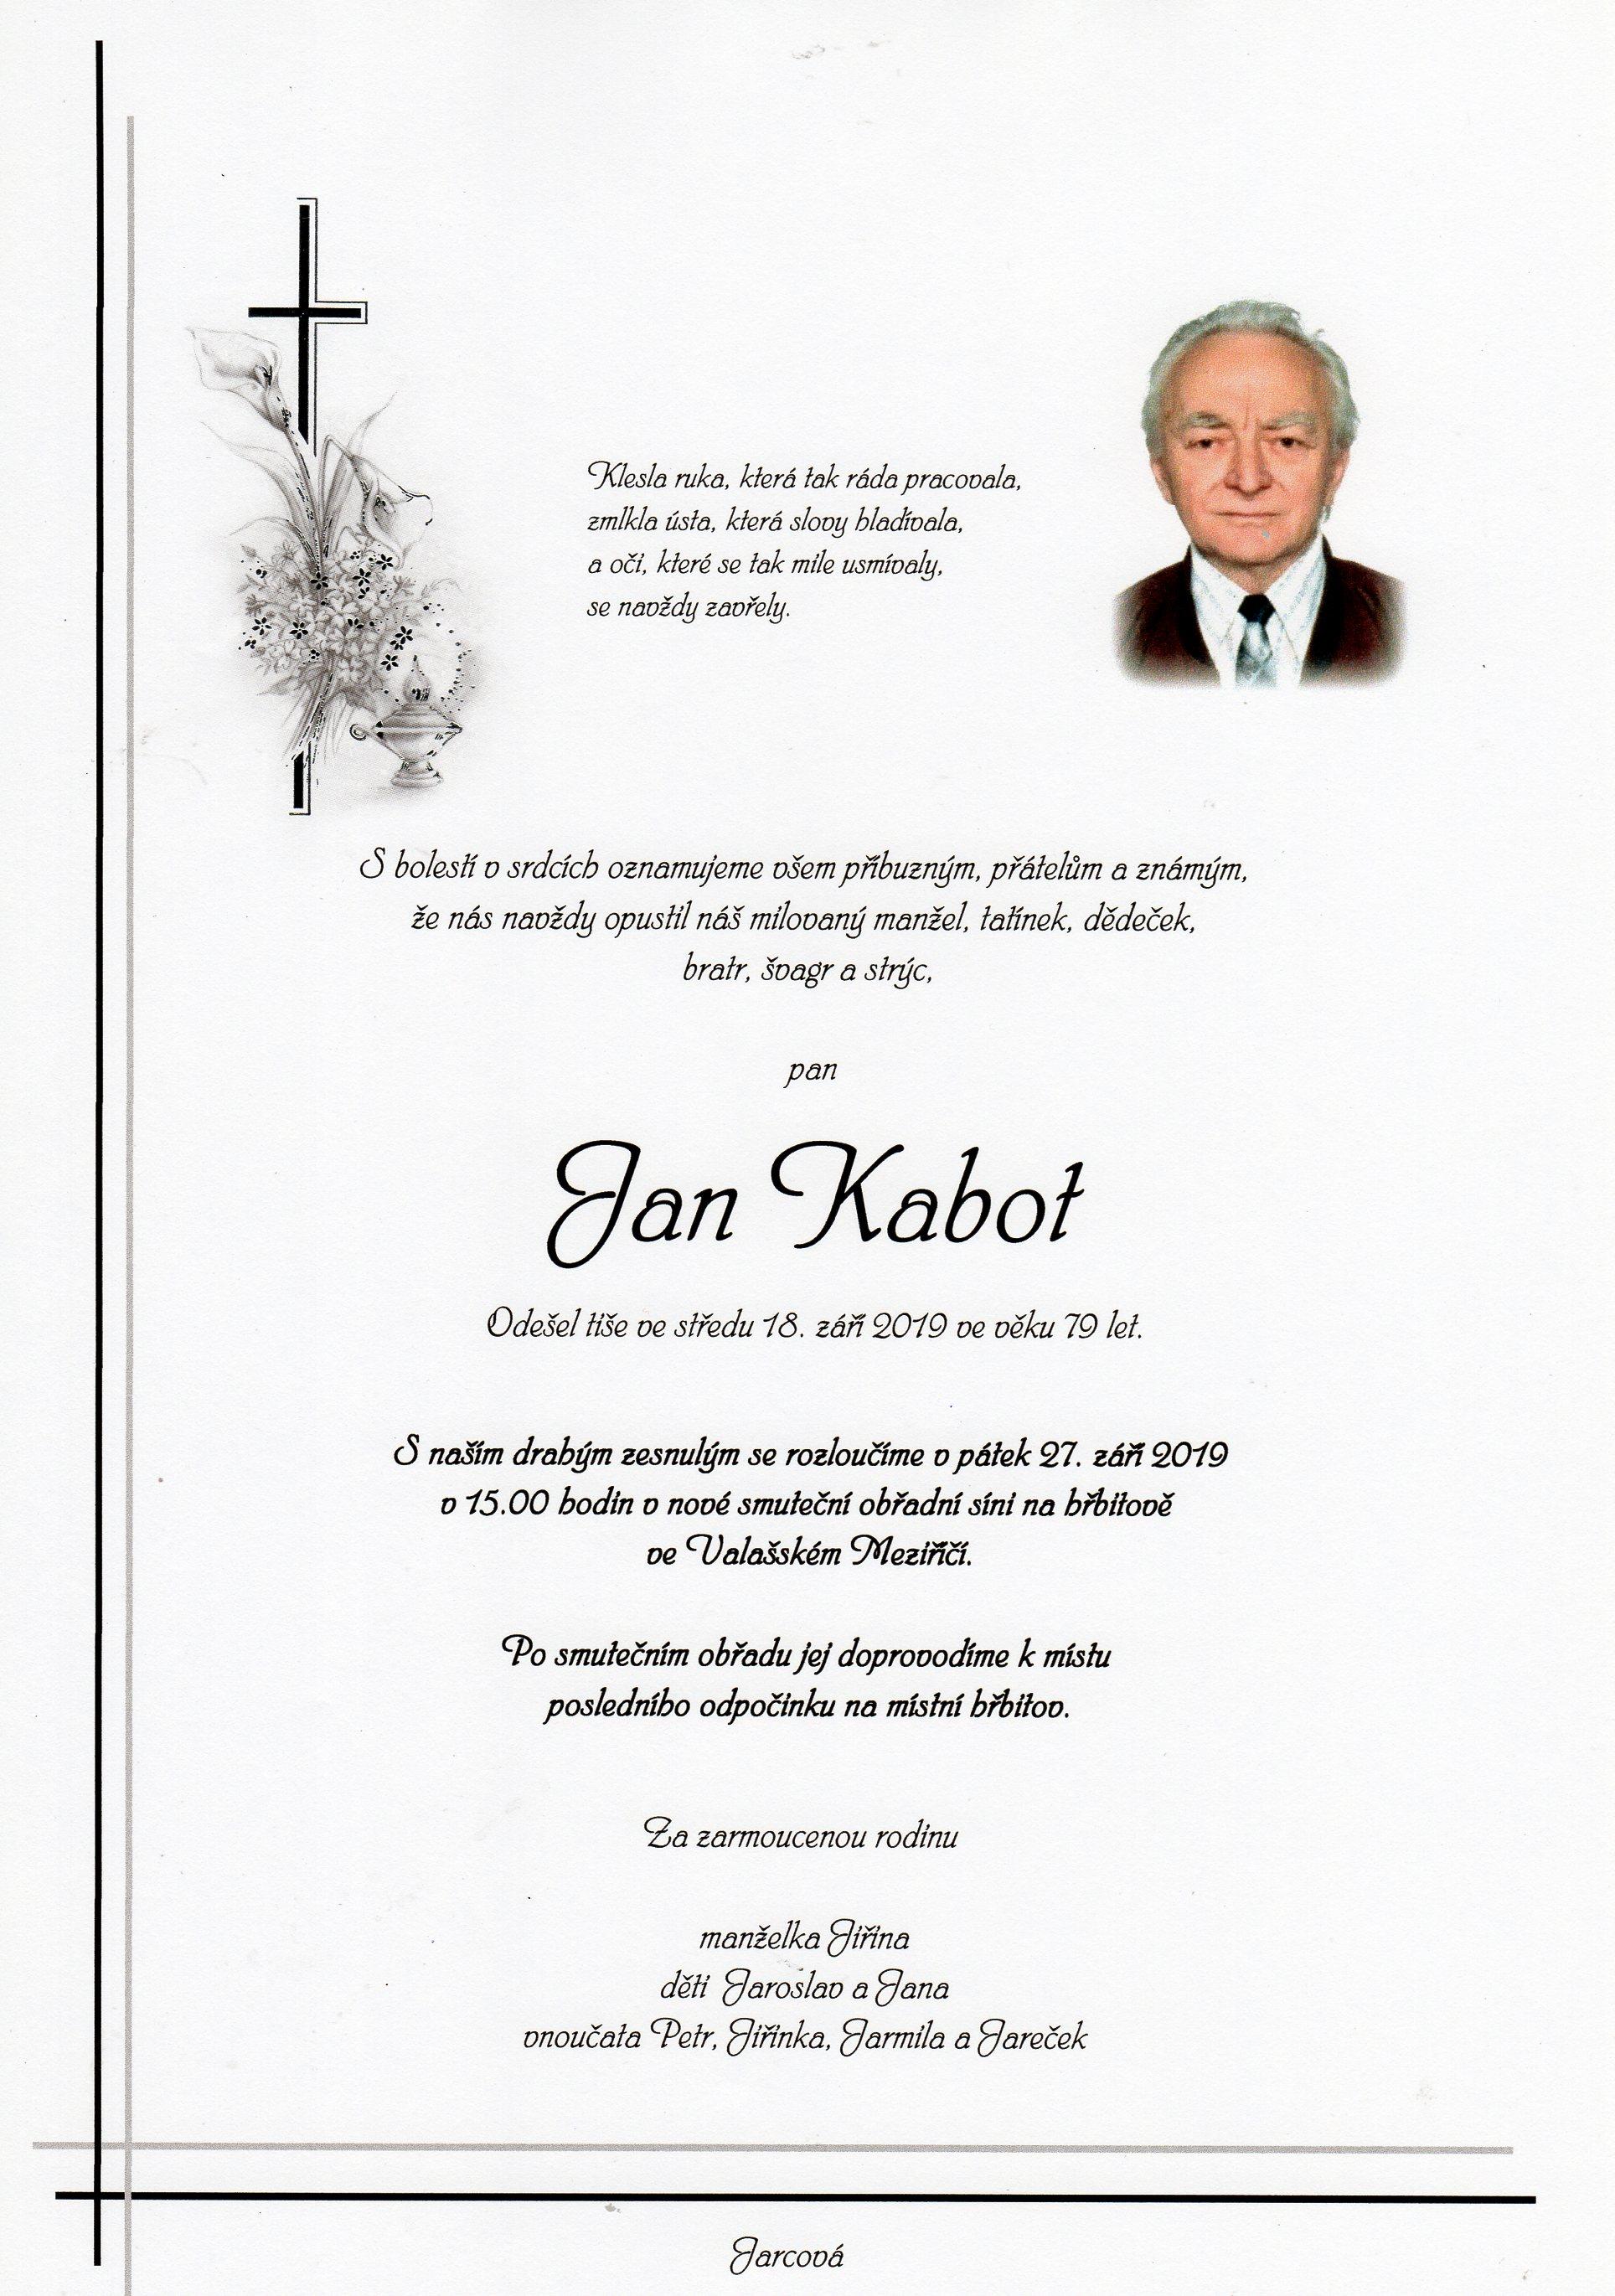 Jan Kabot